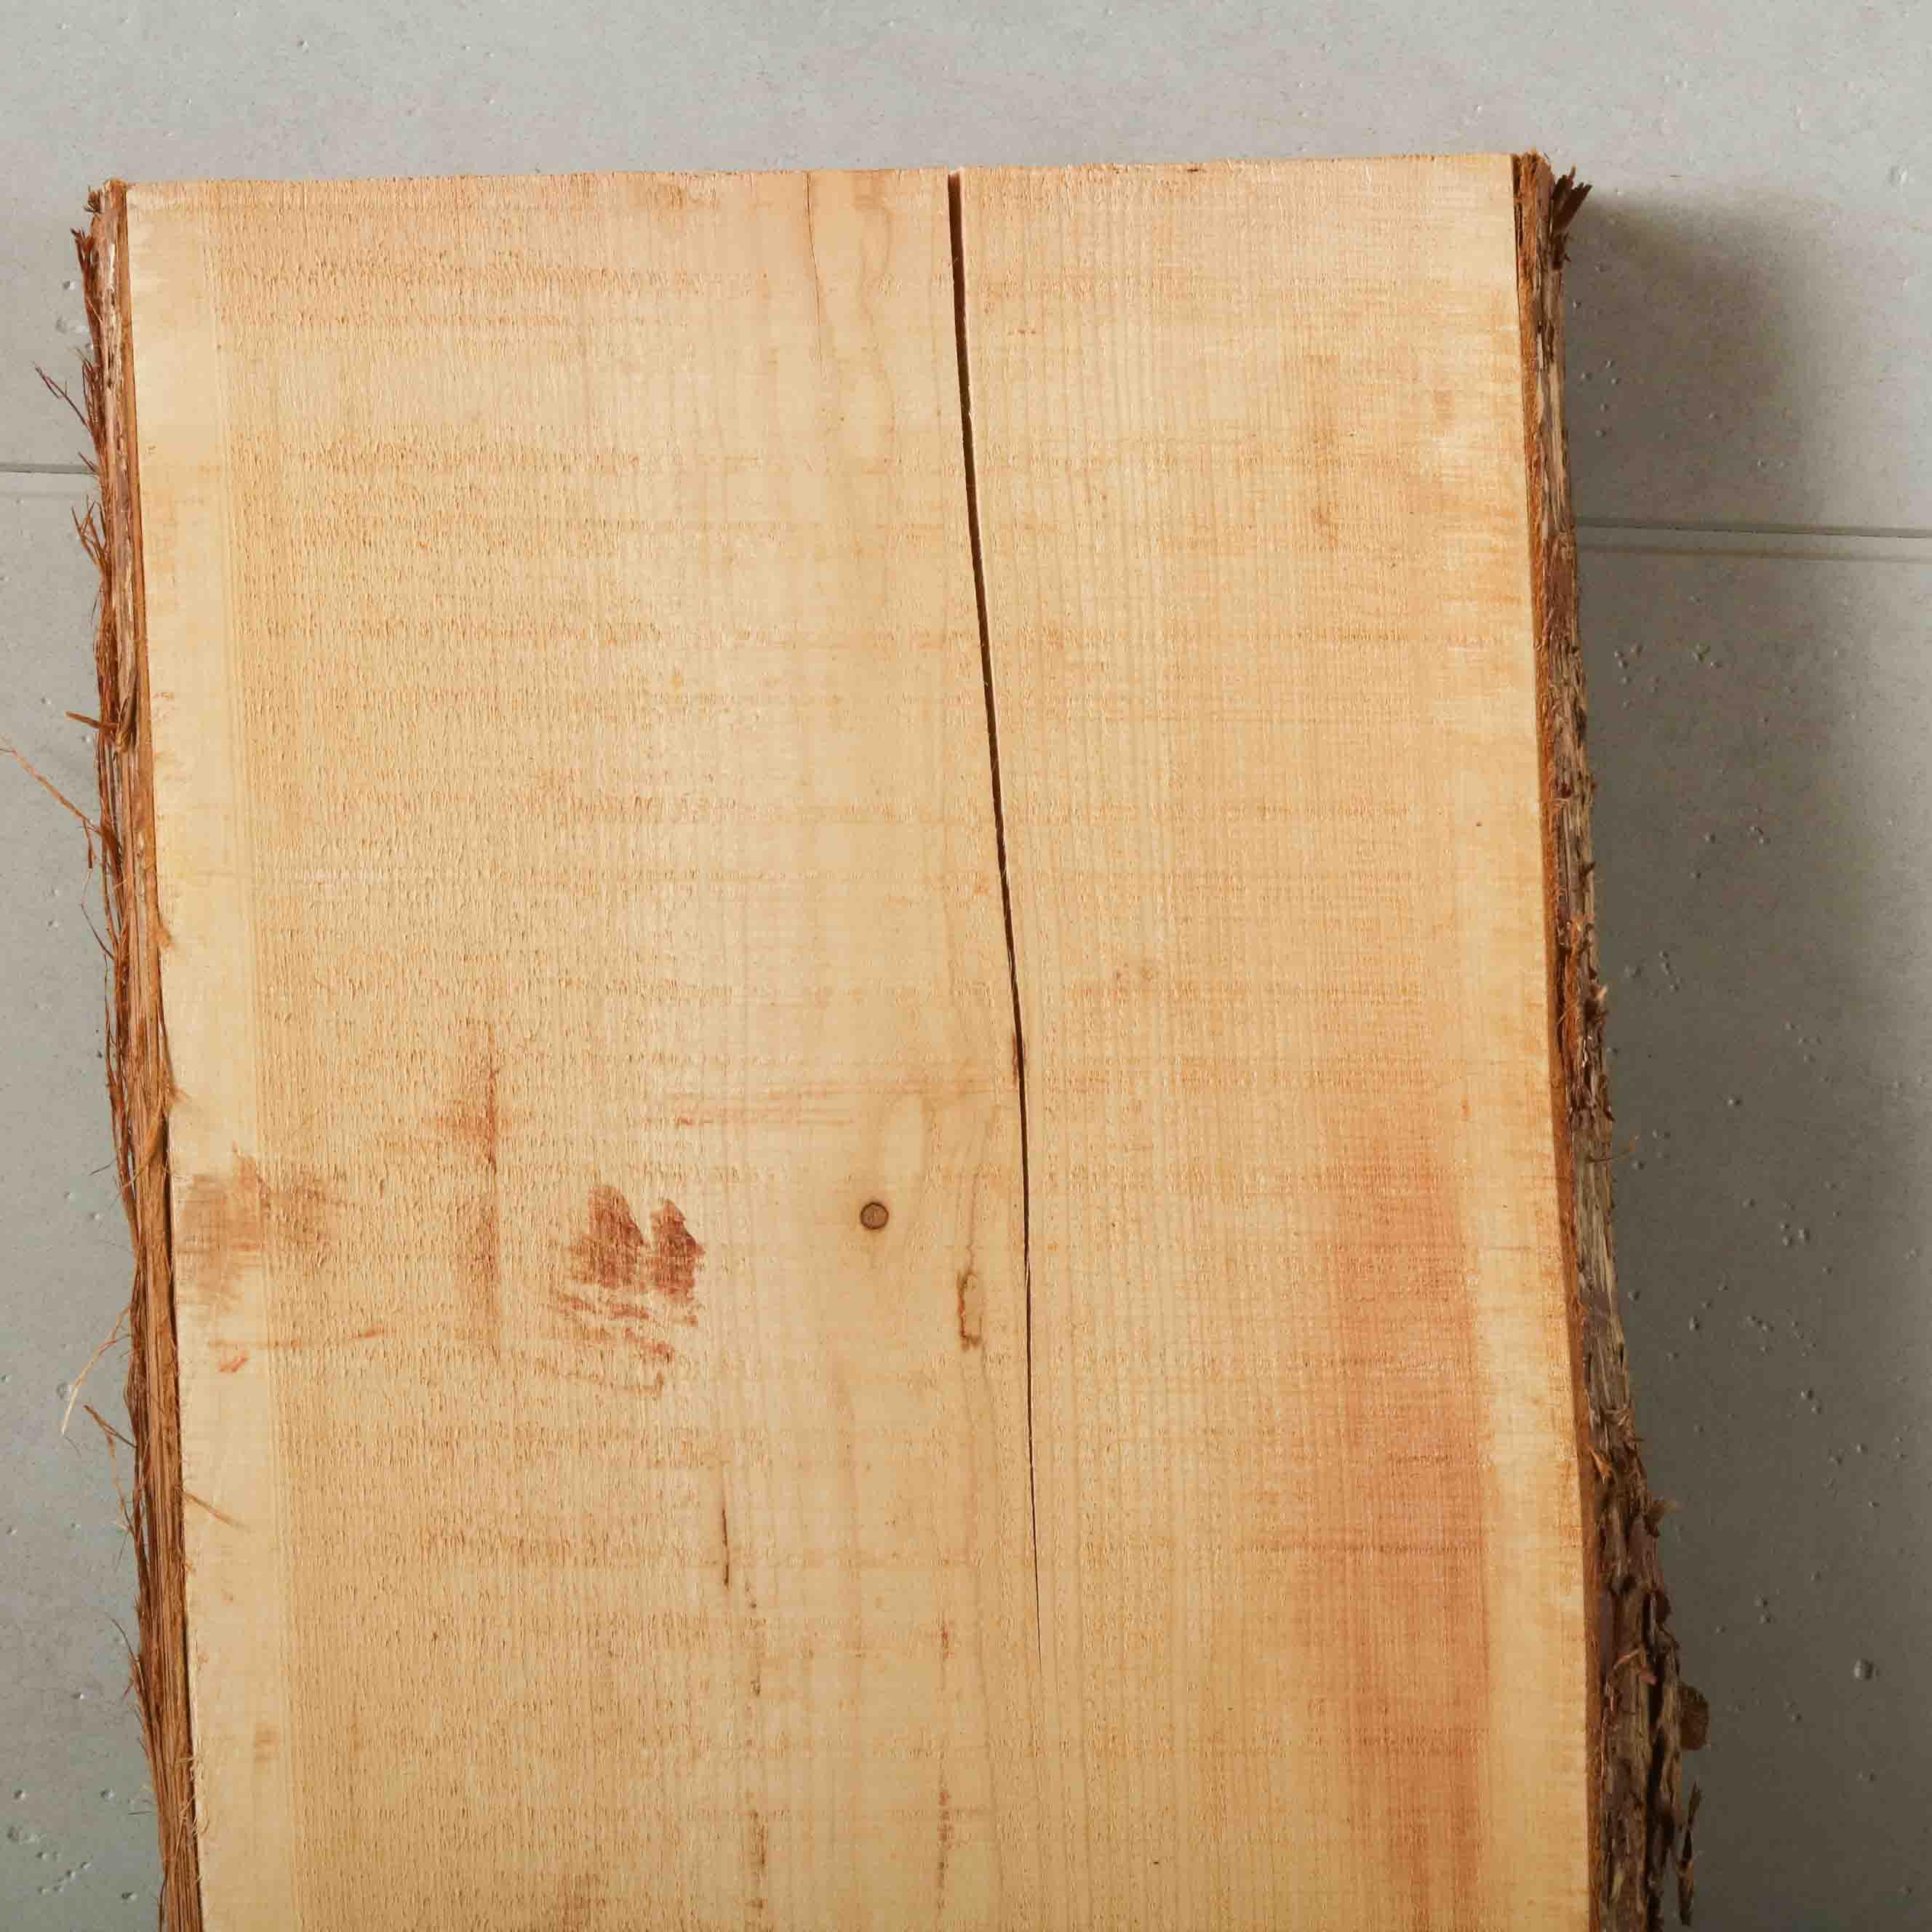 16-010 檜葉 (ヒバ) 一枚板 有限会社村口産業(下北郡)